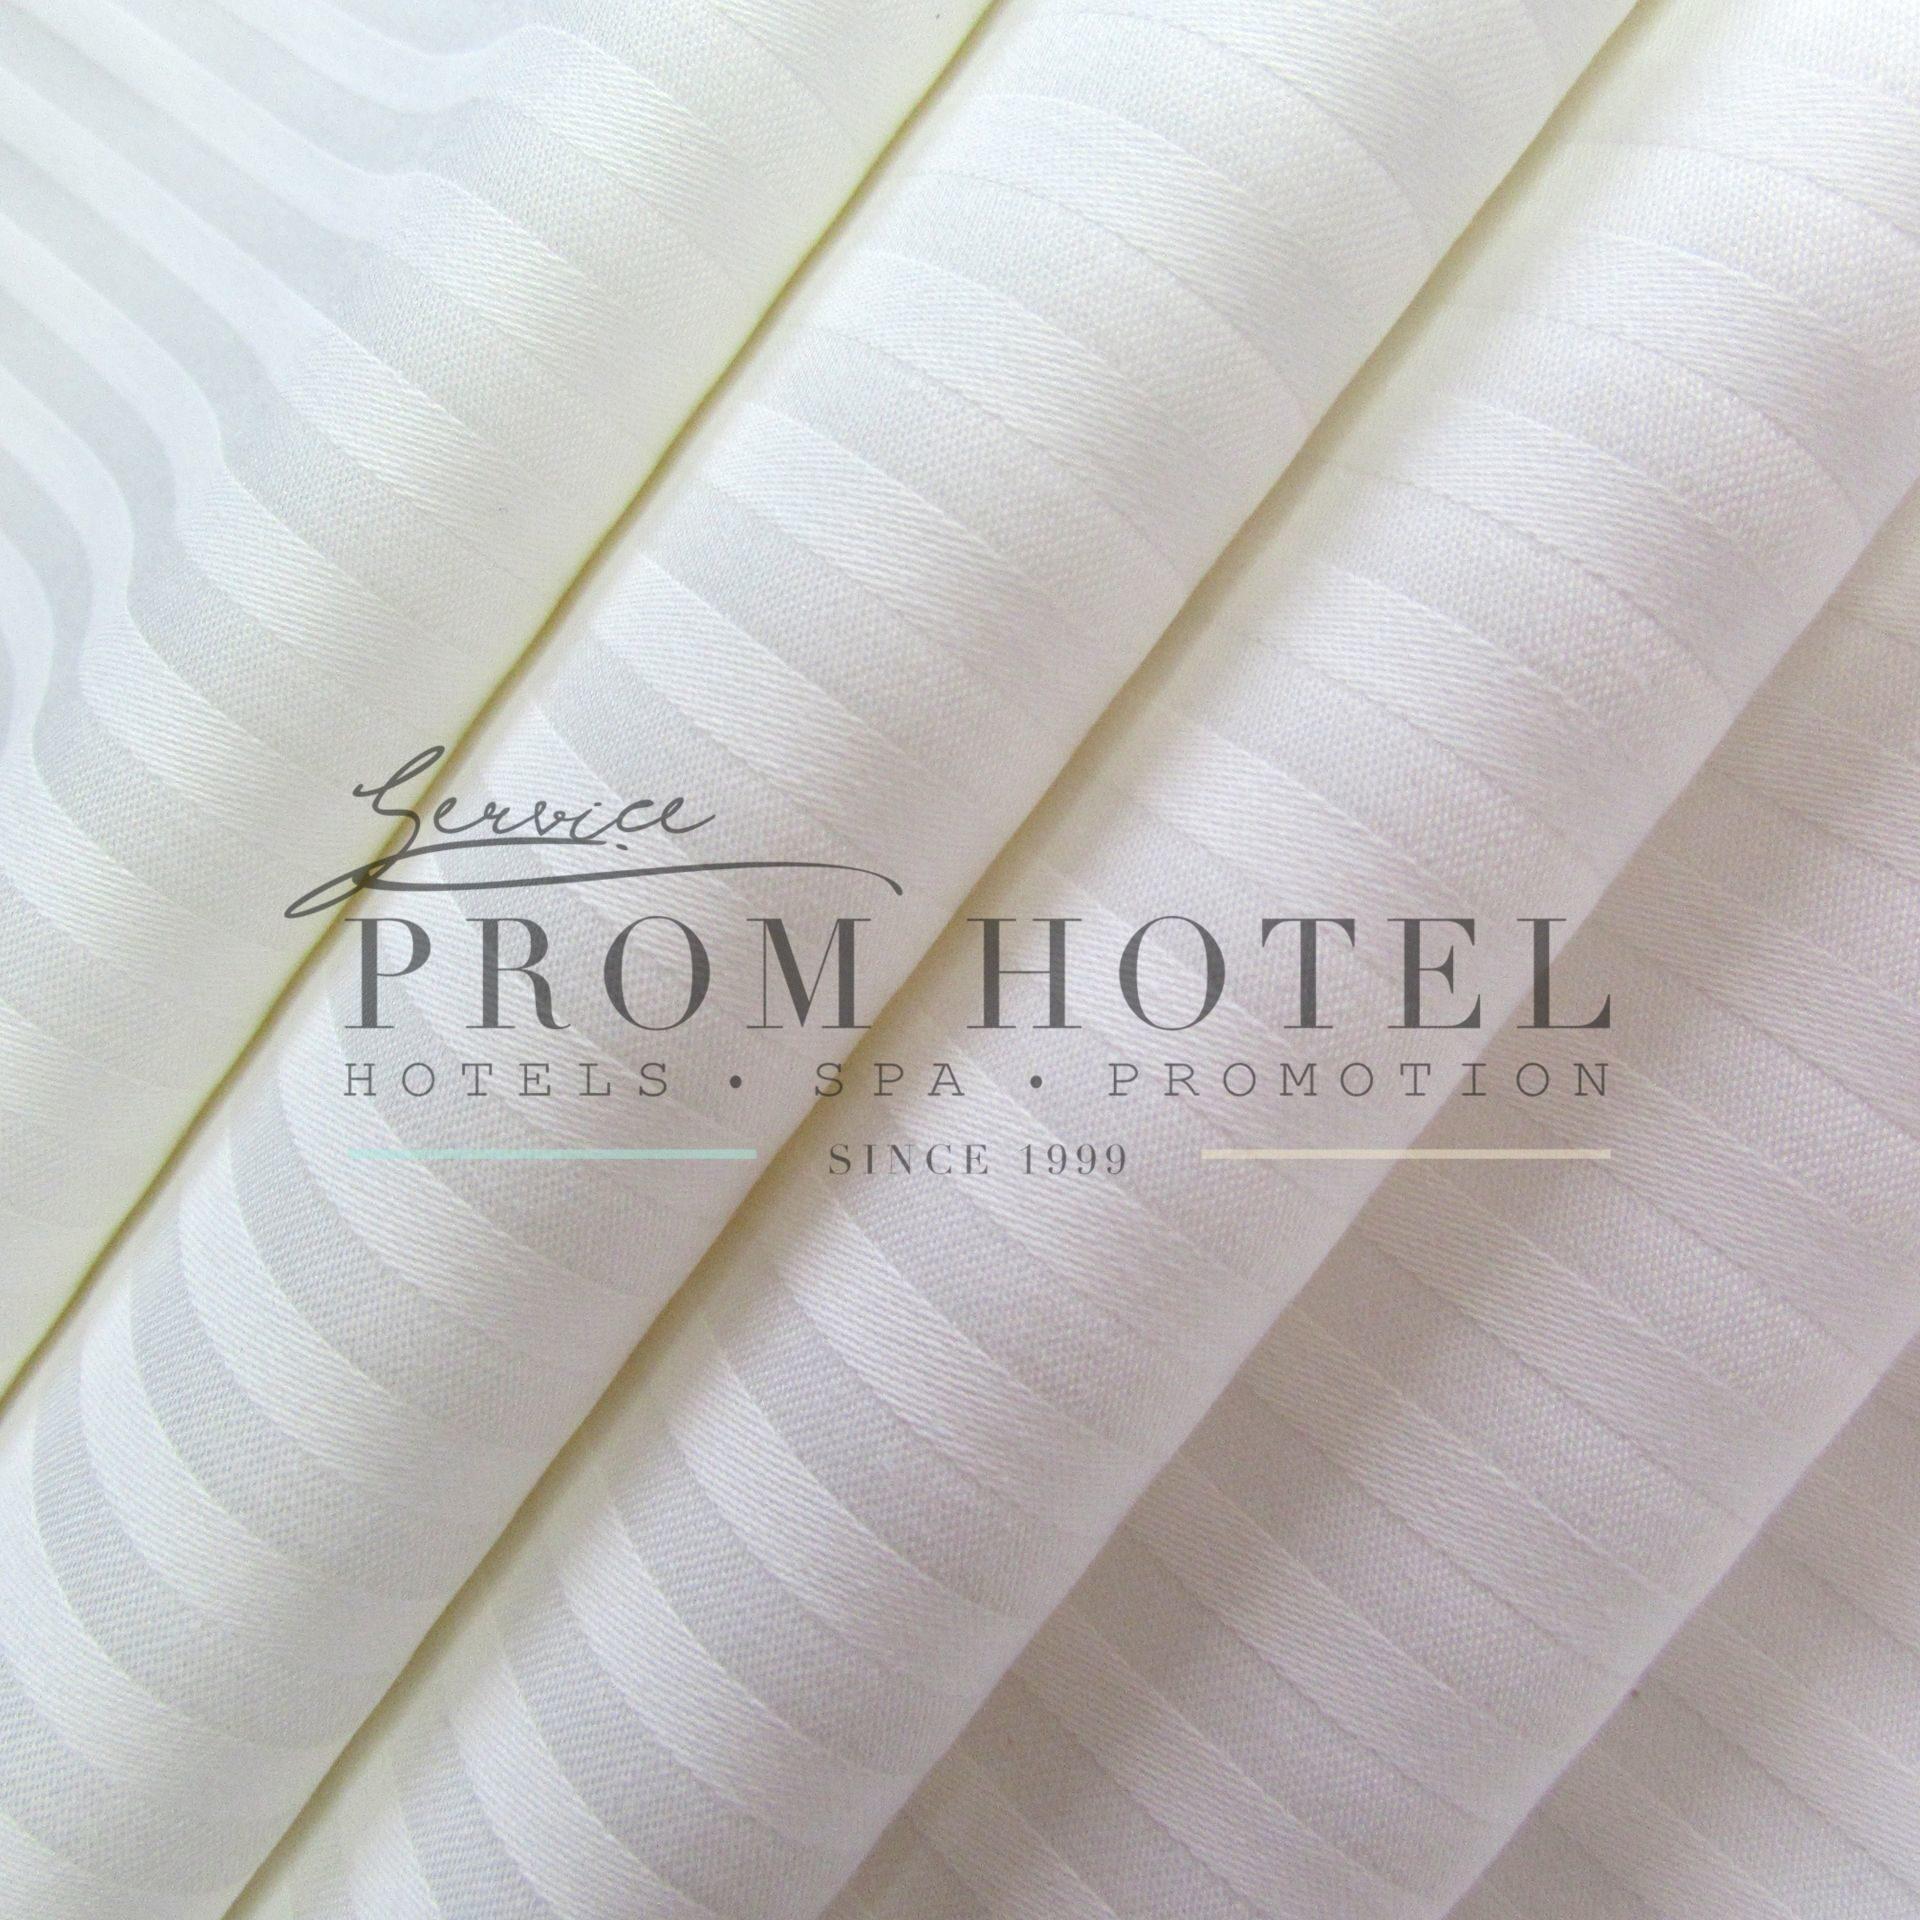 Постельное белье для гостиниц от производителя 219d4ffc4e784